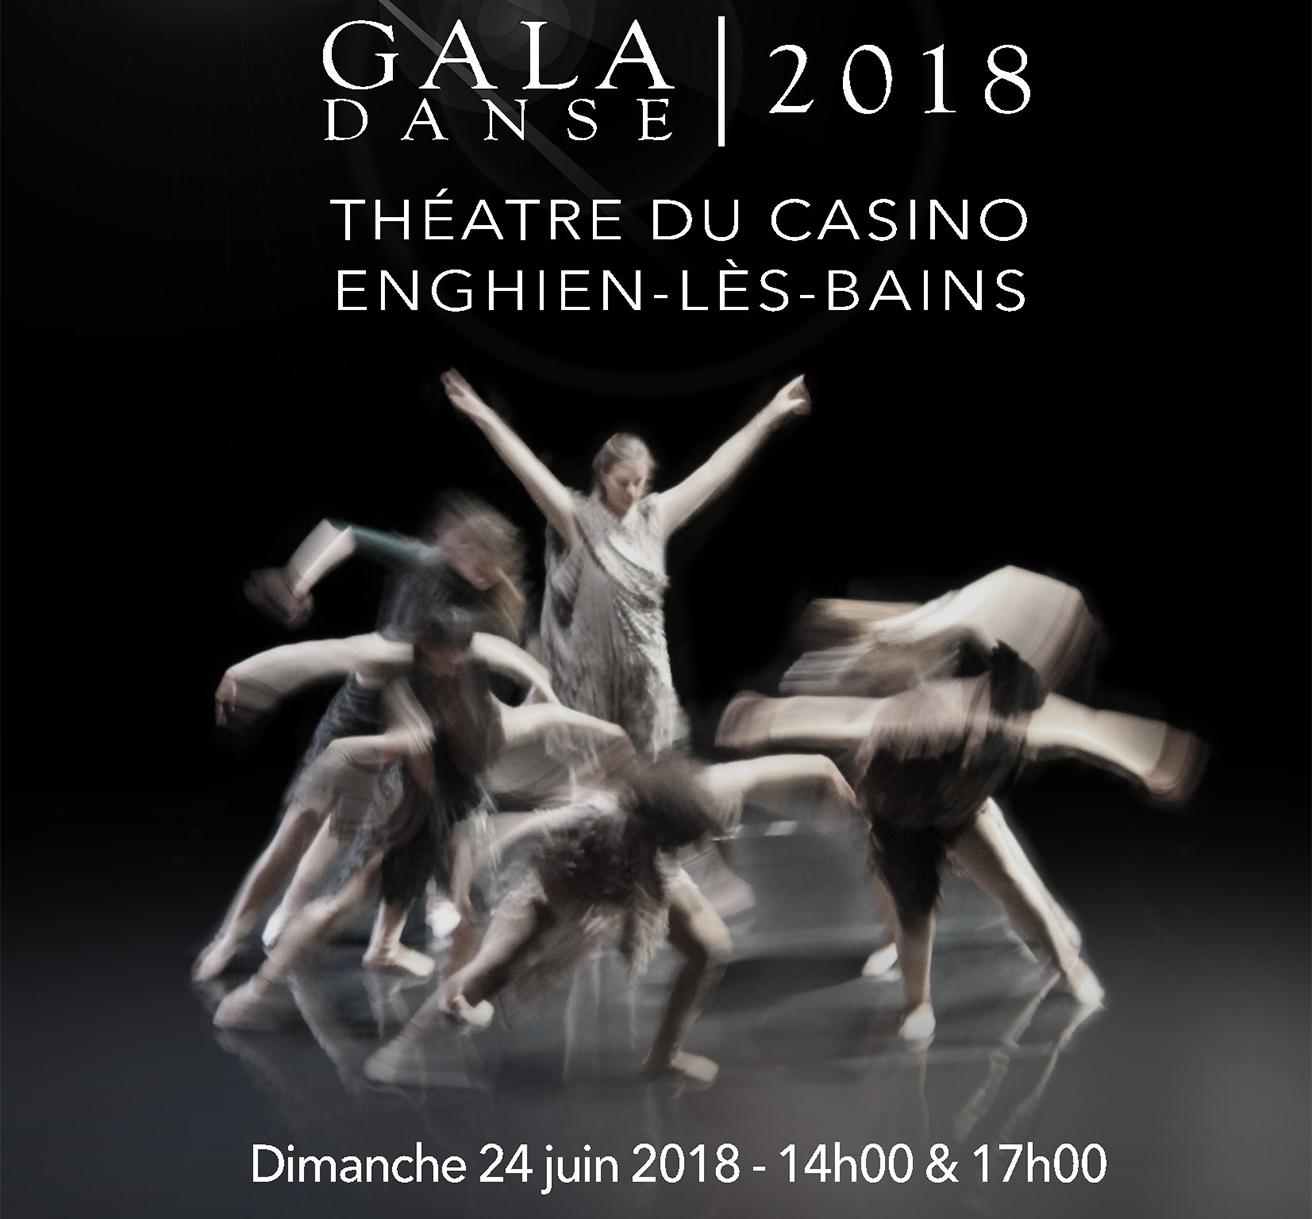 Gala 2018: Le film est disponible